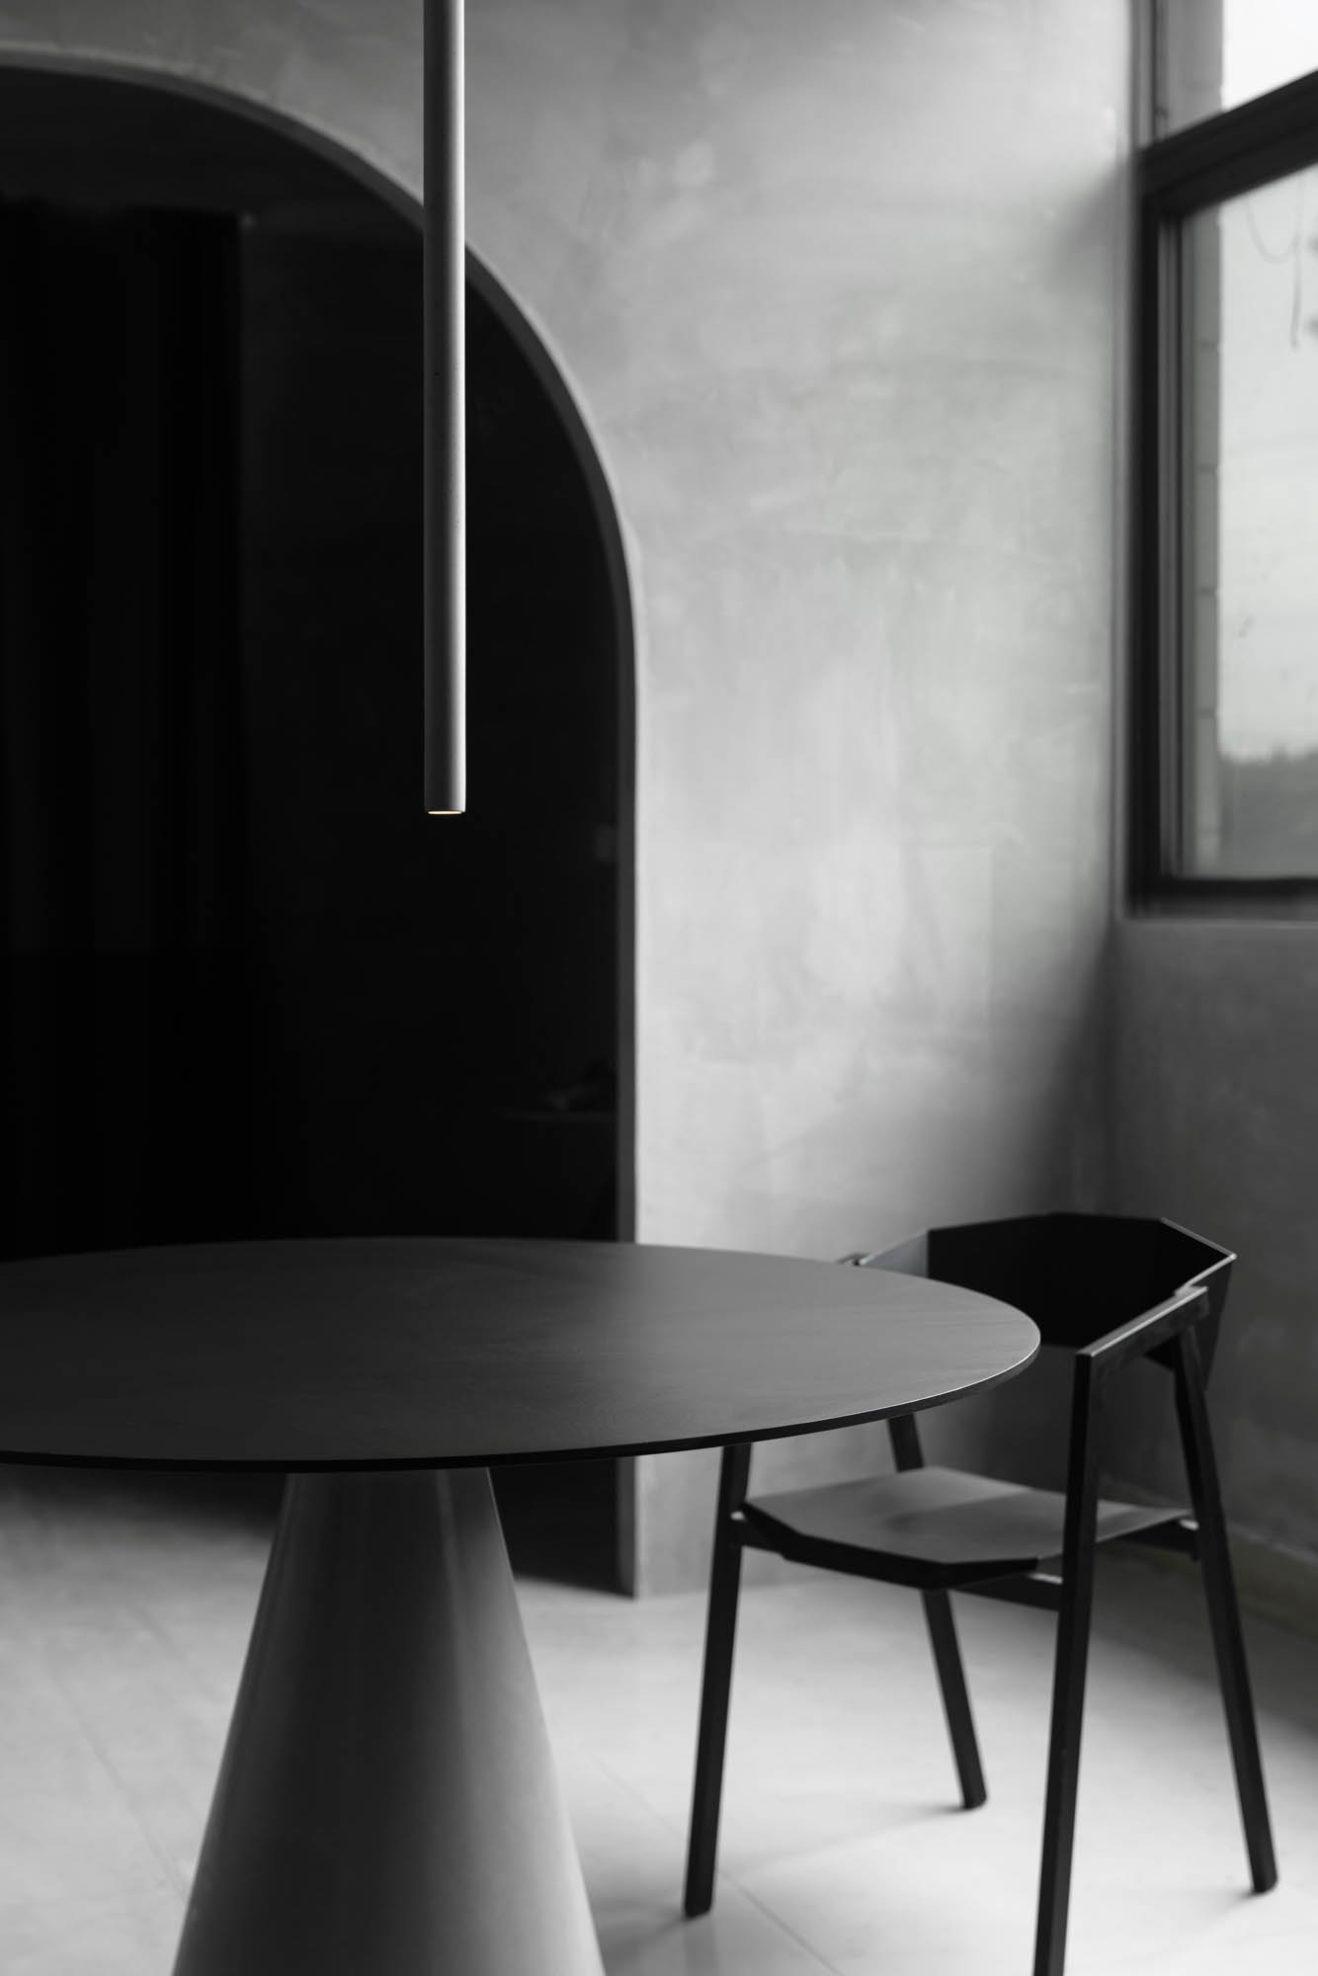 Bentu-Design-Ding-Large-Table-7